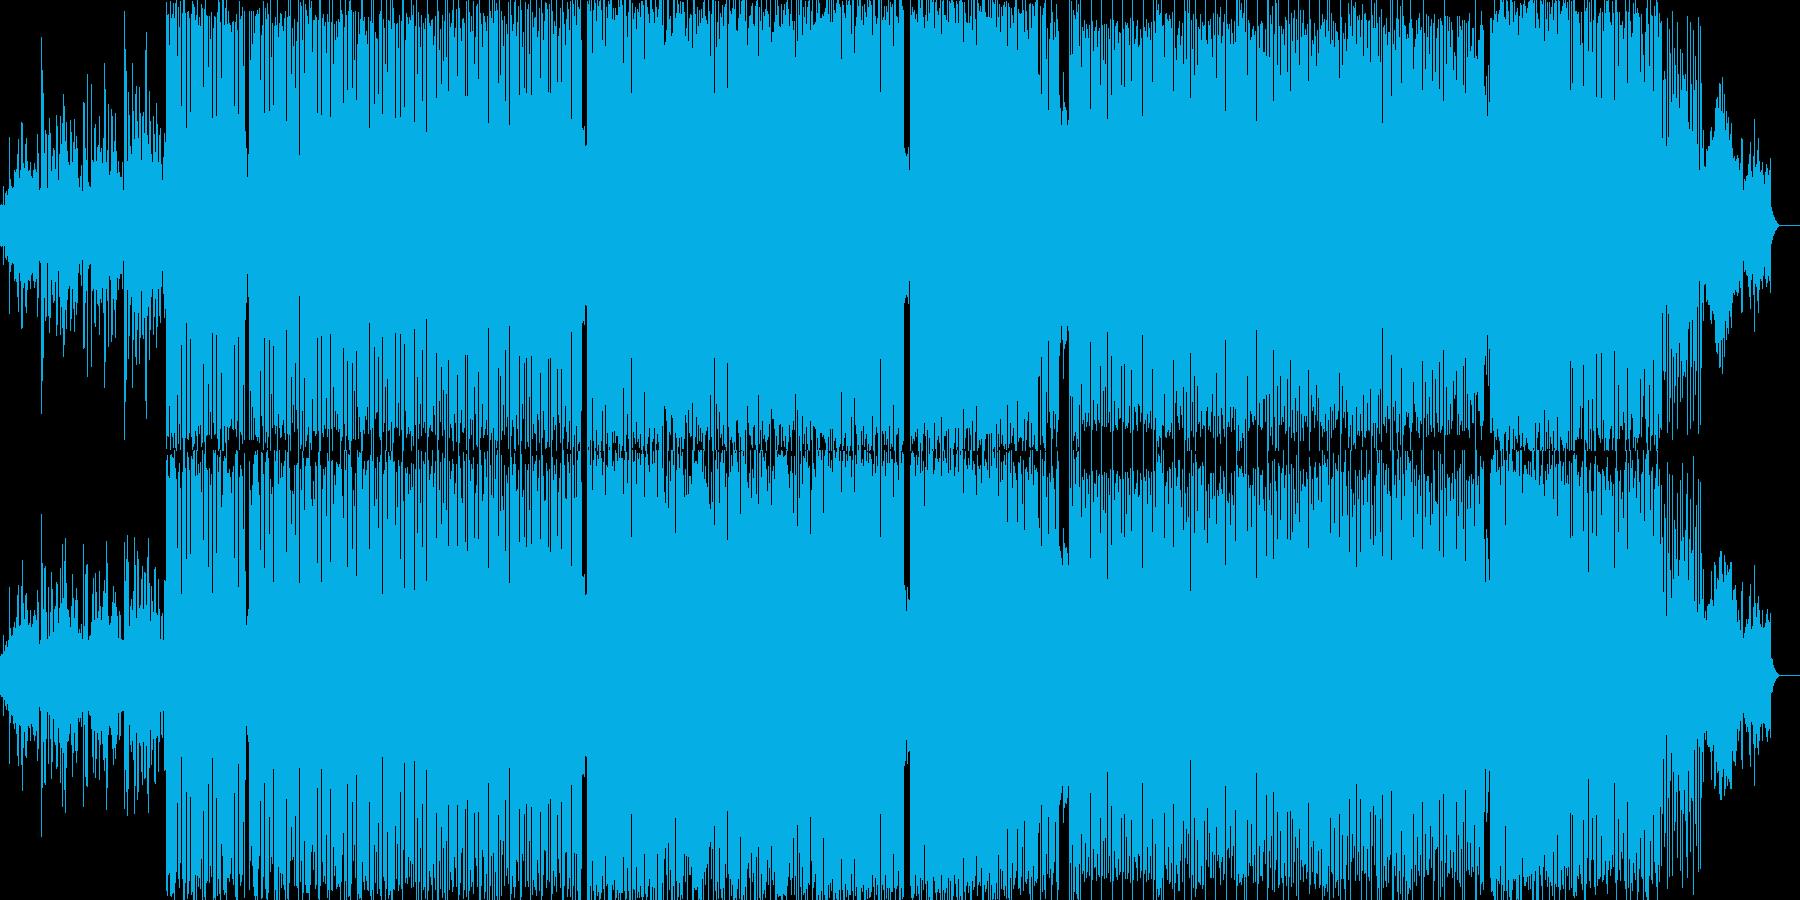 アナログリズムマシンがアクセントの曲の再生済みの波形